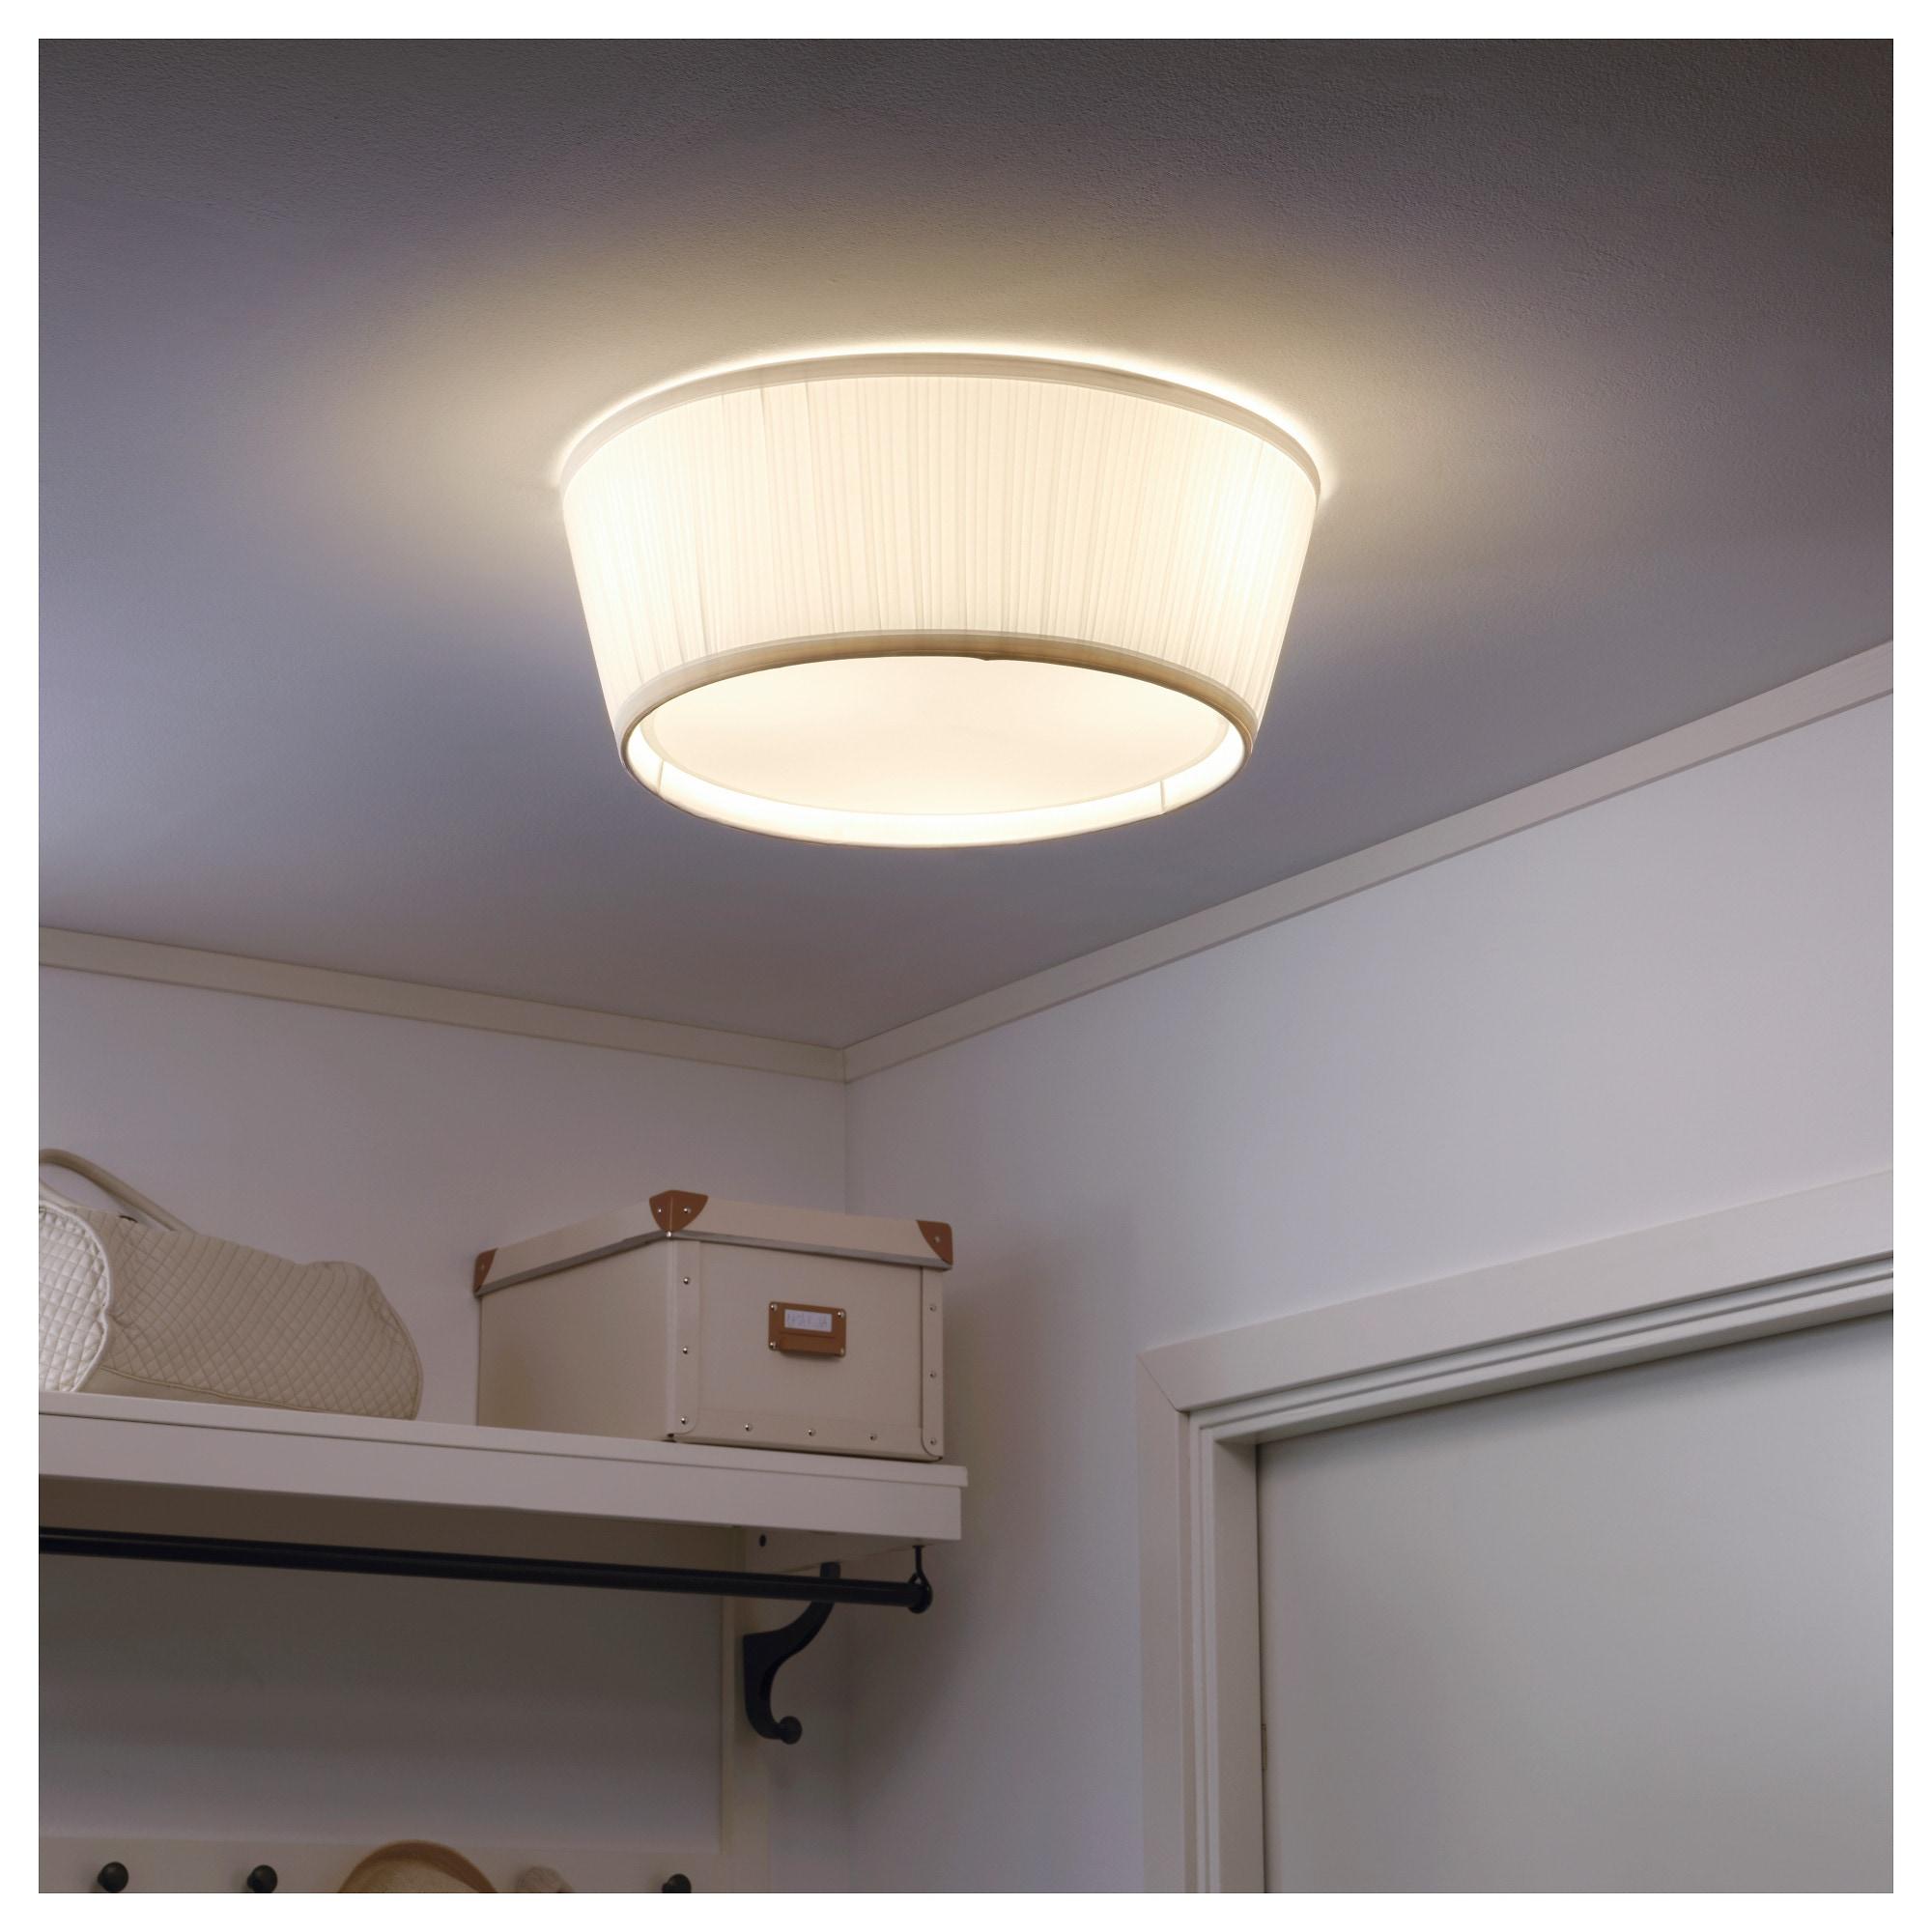 Full Size of Ikea Deckenlampe Bad Miniküche Wohnzimmer Deckenlampen Modern Betten Bei Küche Kosten 160x200 Für Modulküche Kaufen Esstisch Sofa Mit Schlaffunktion Wohnzimmer Ikea Deckenlampe